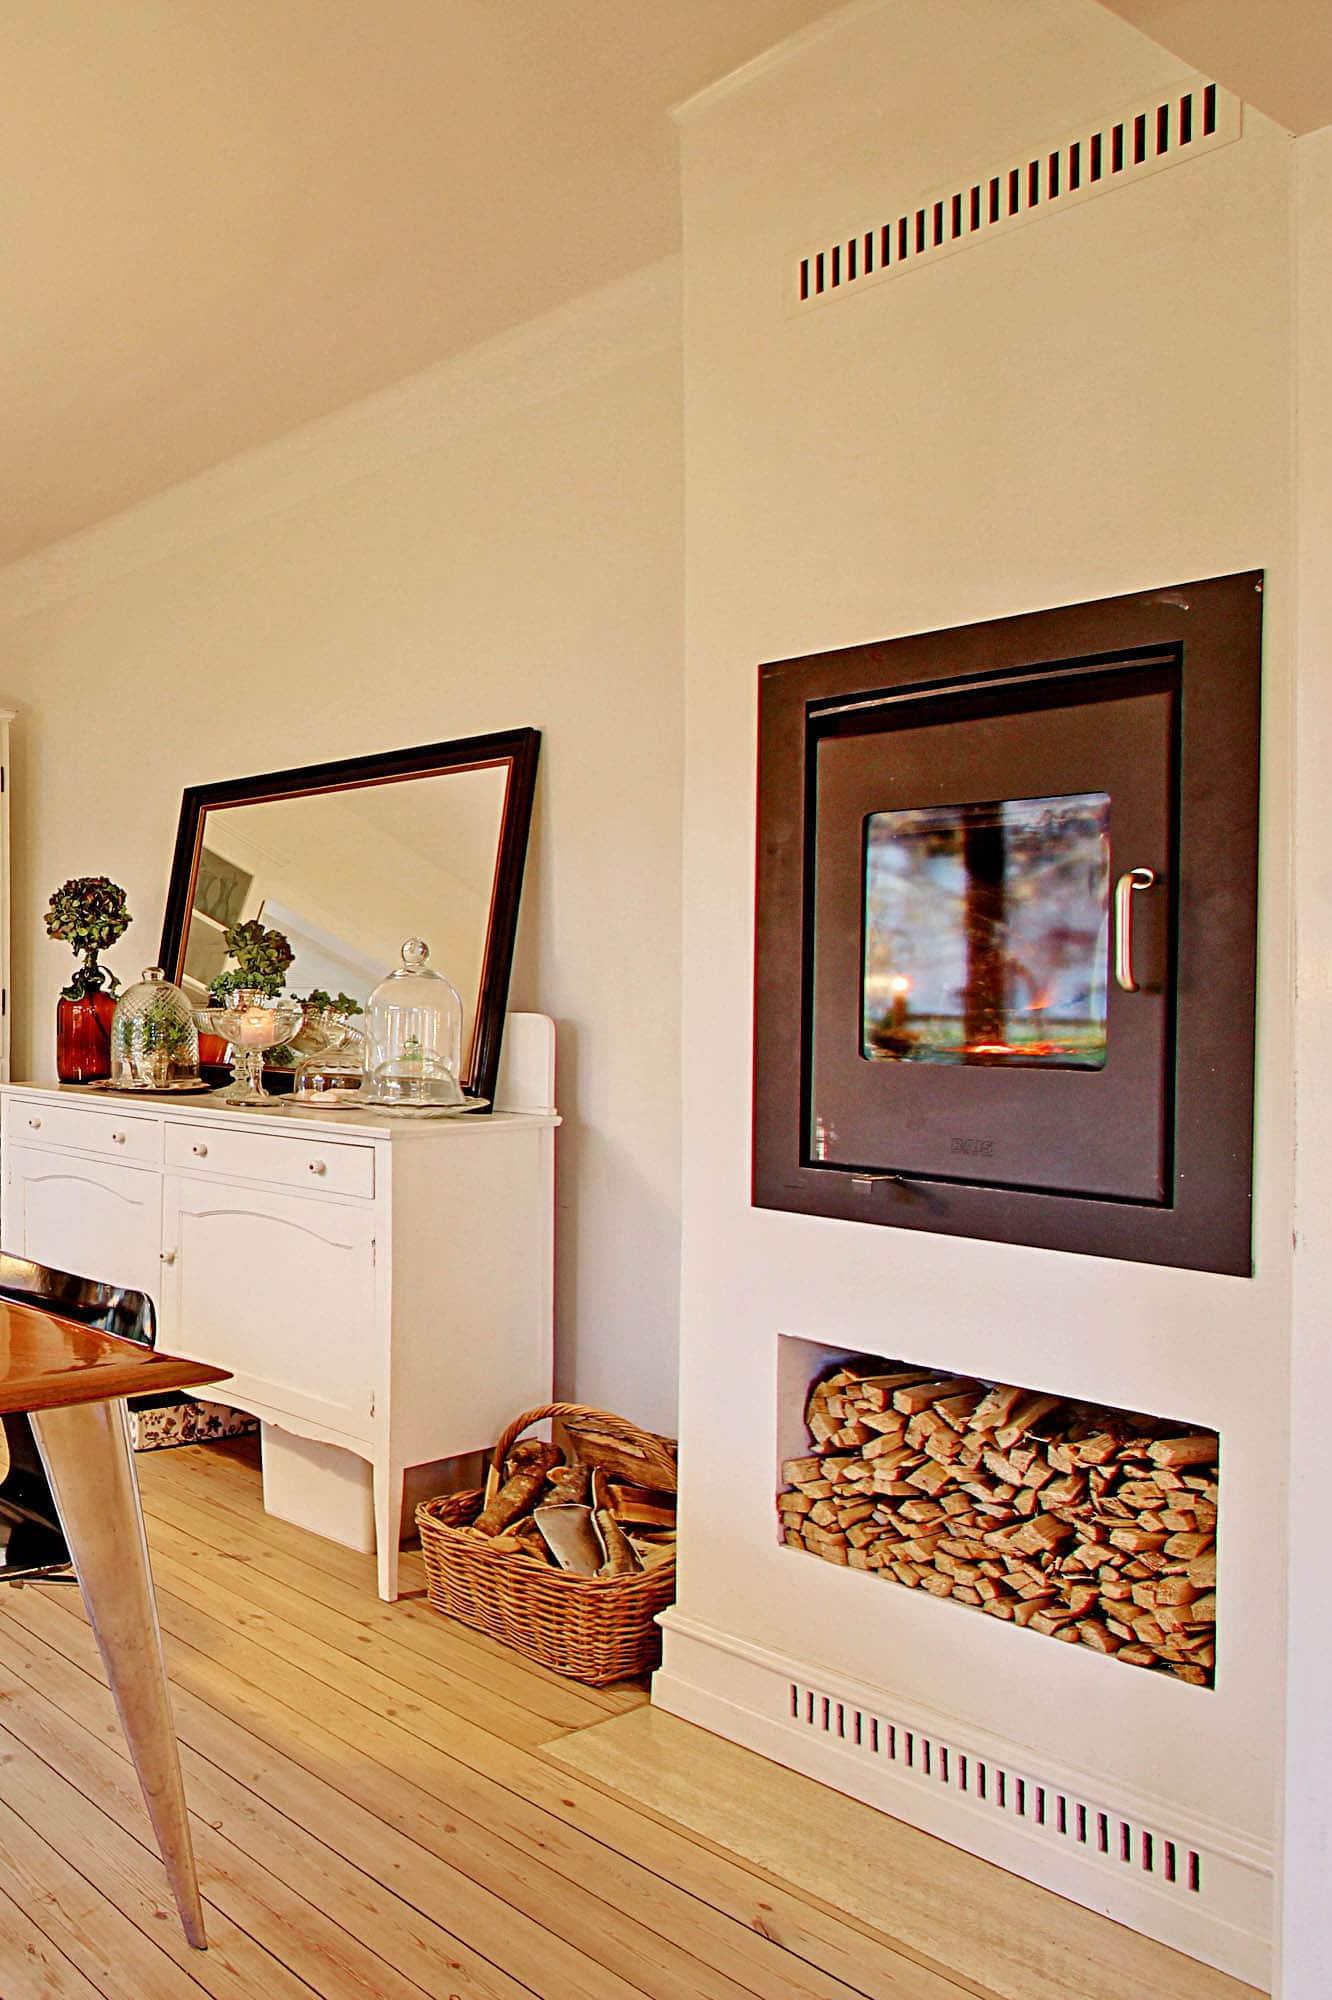 I den tidligere stue er der nu etableret en hyggelig spisestue med indbygget brændeovn i en god højde, så alle kan se ilden i den kolde sæson.